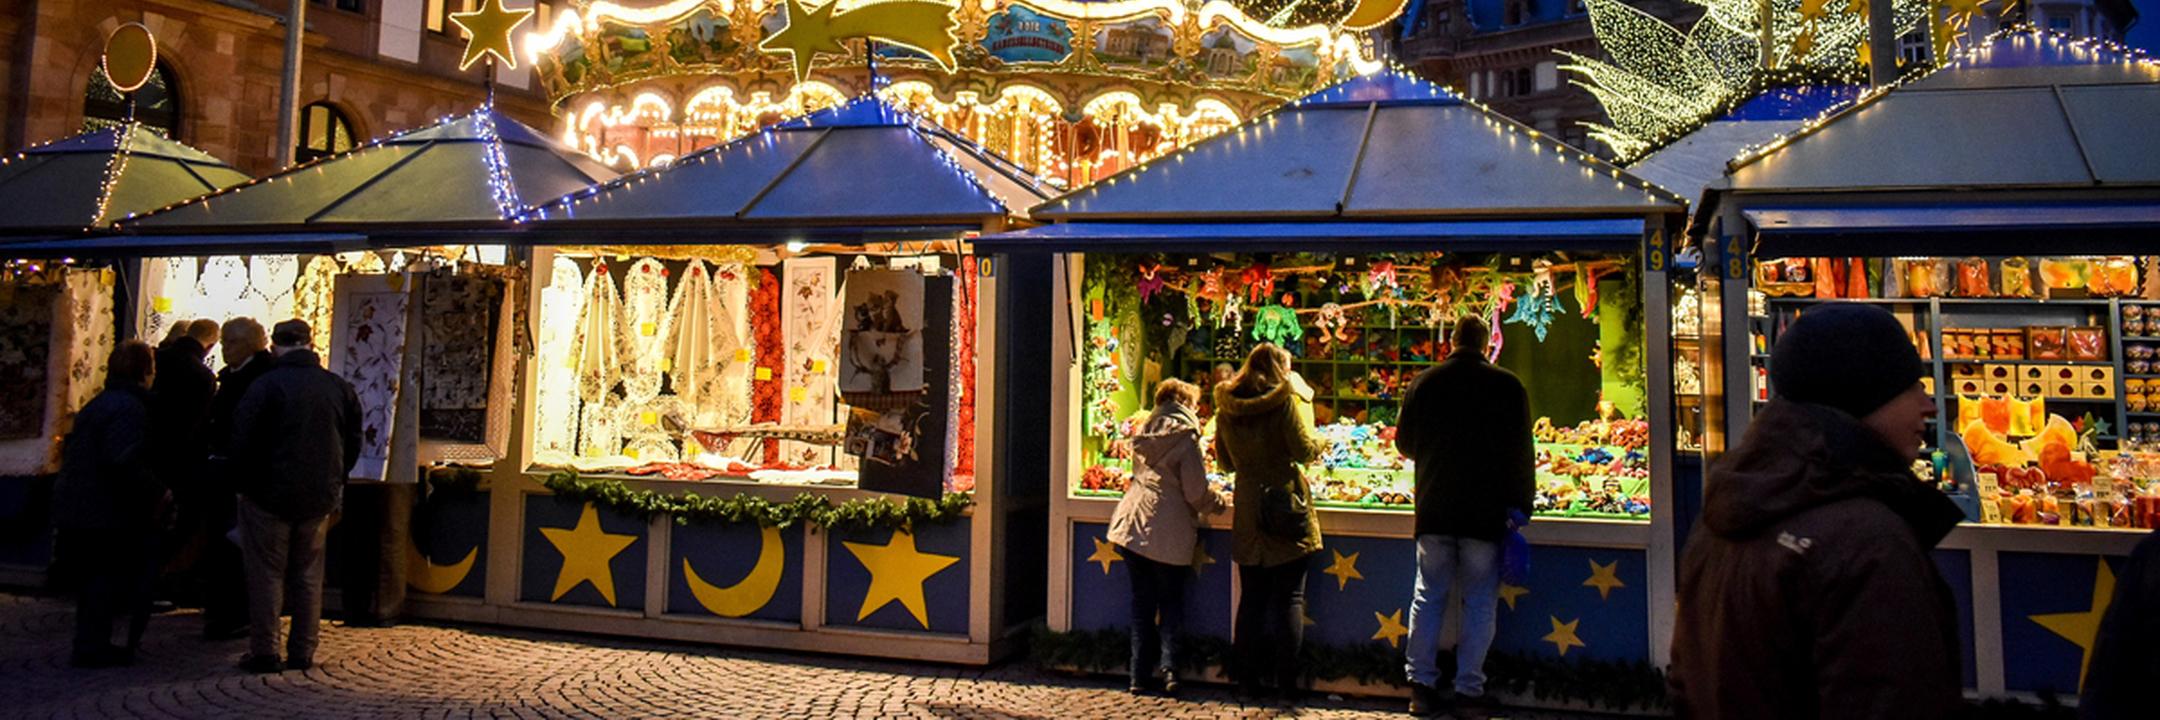 Aproveite a magia do Natal em Frankfurt